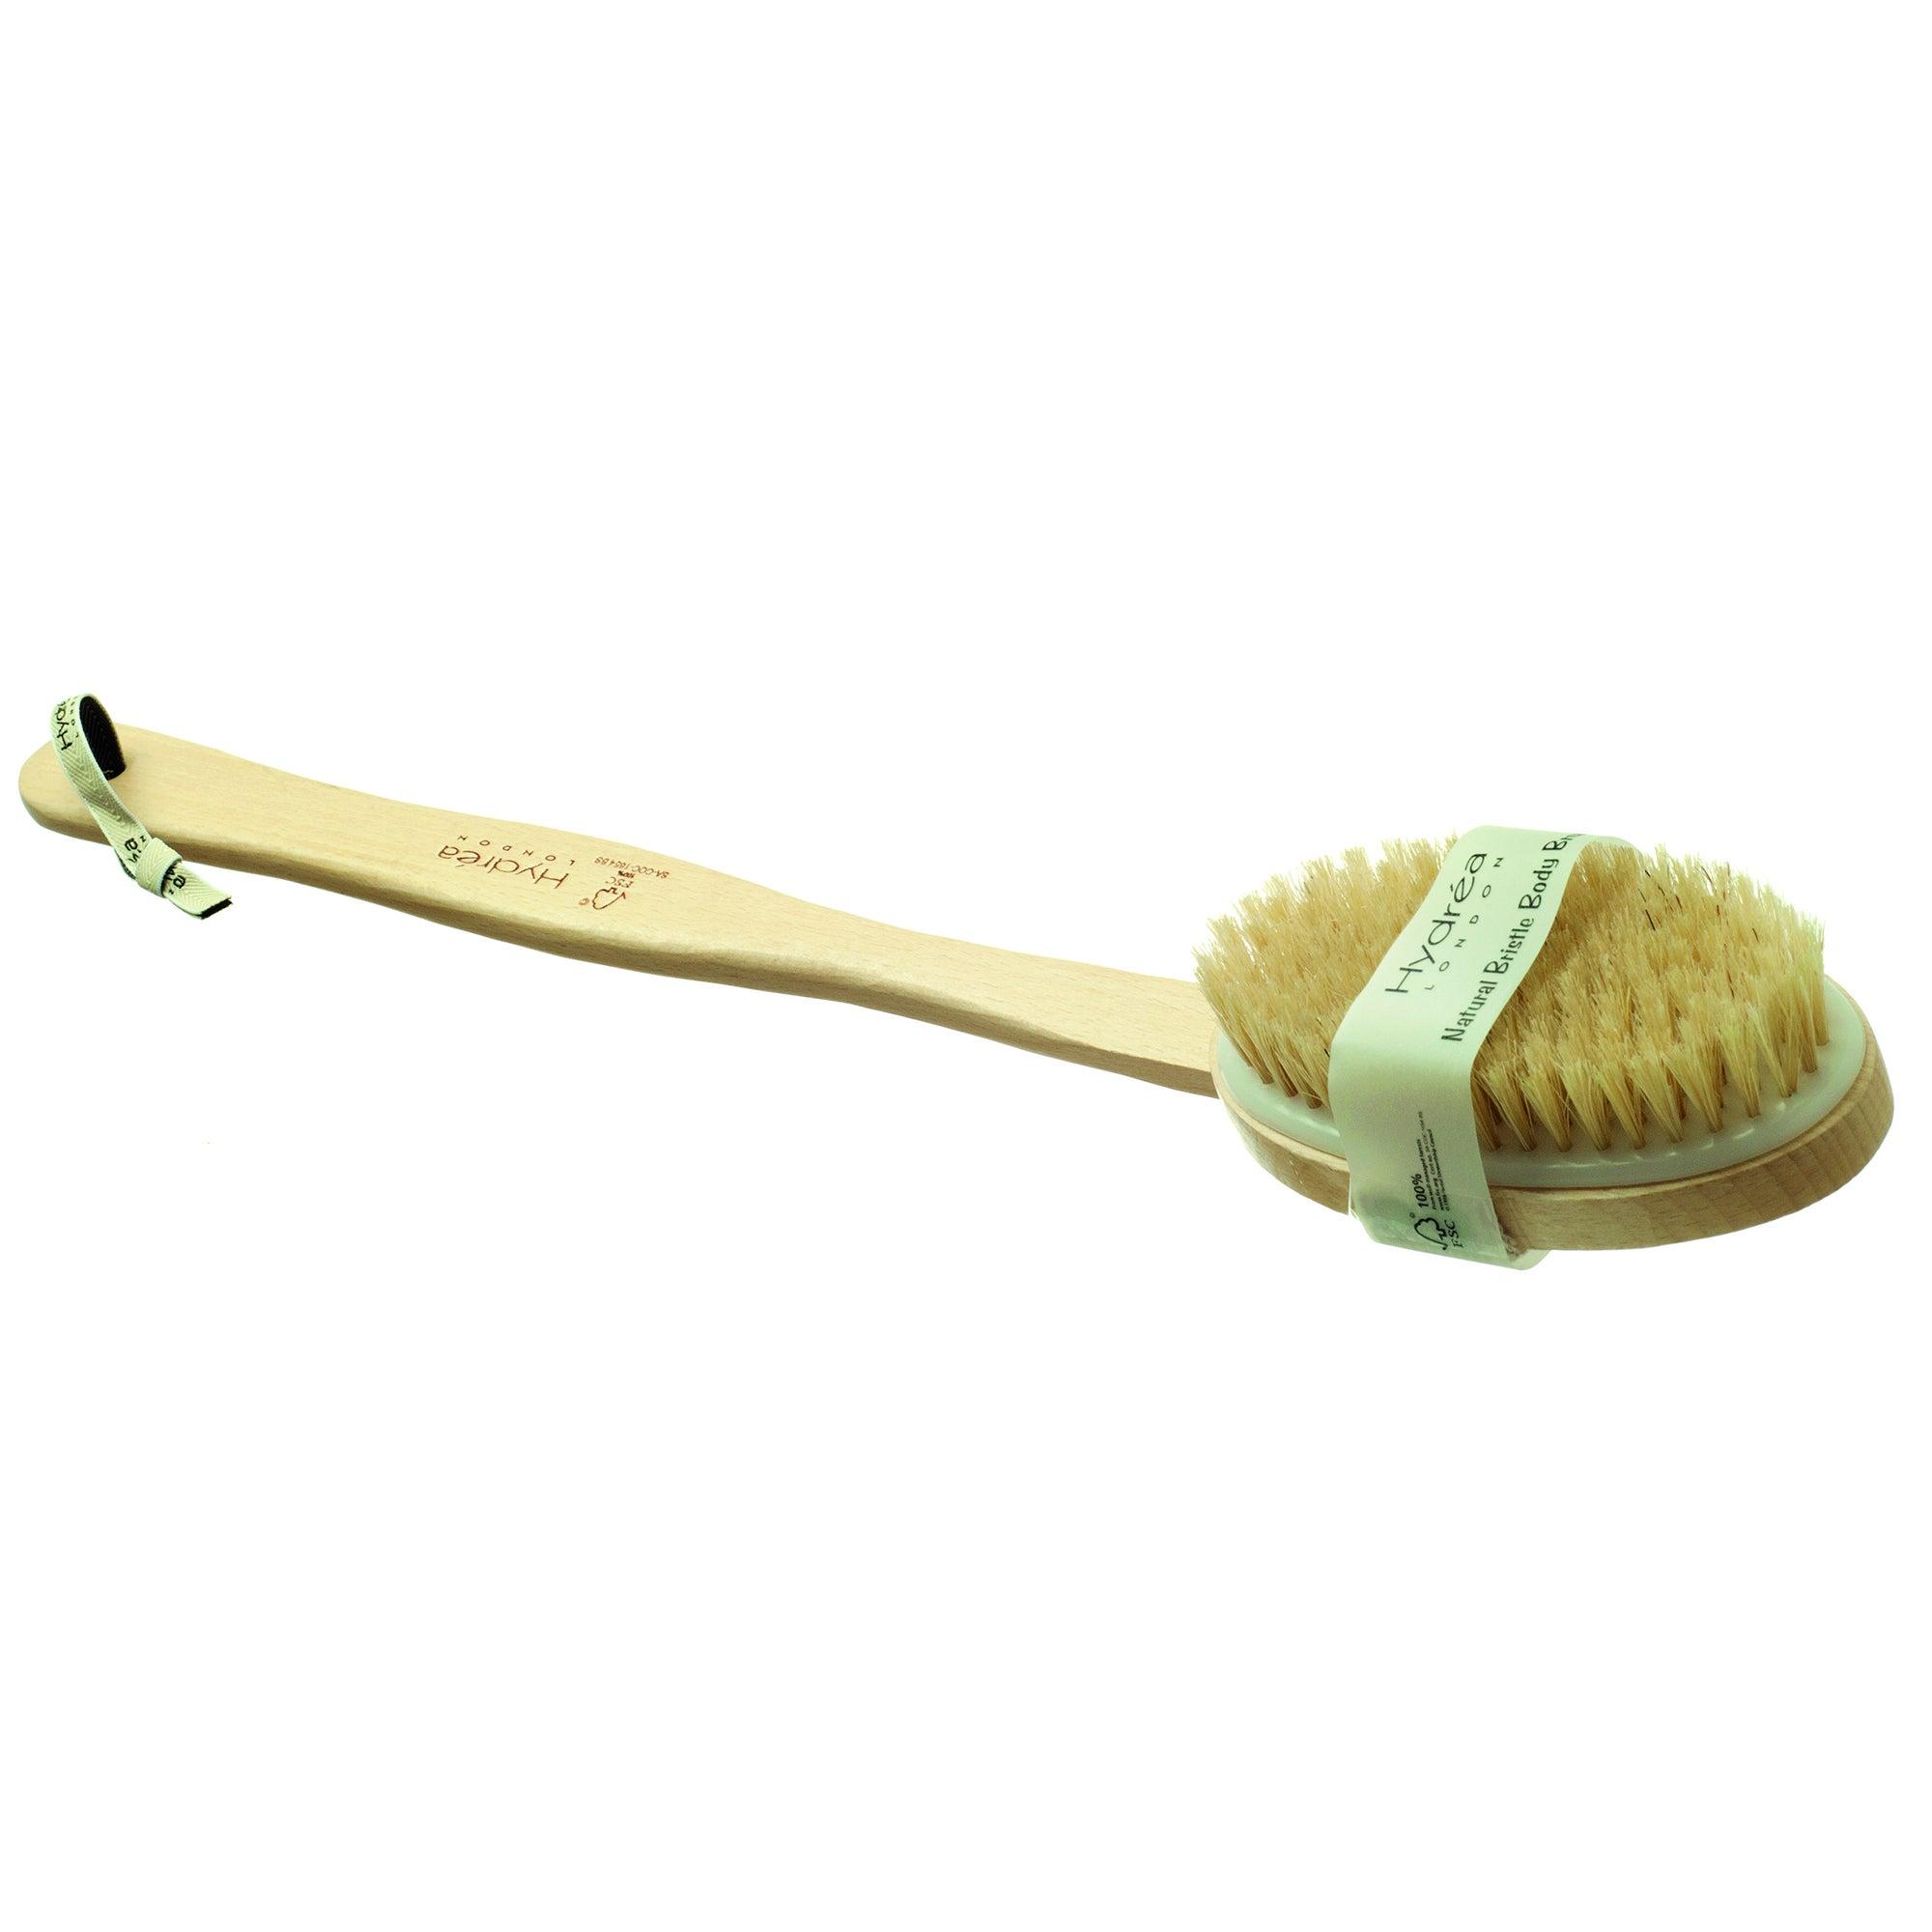 Hydrea RubGrip Bath Massage Brush